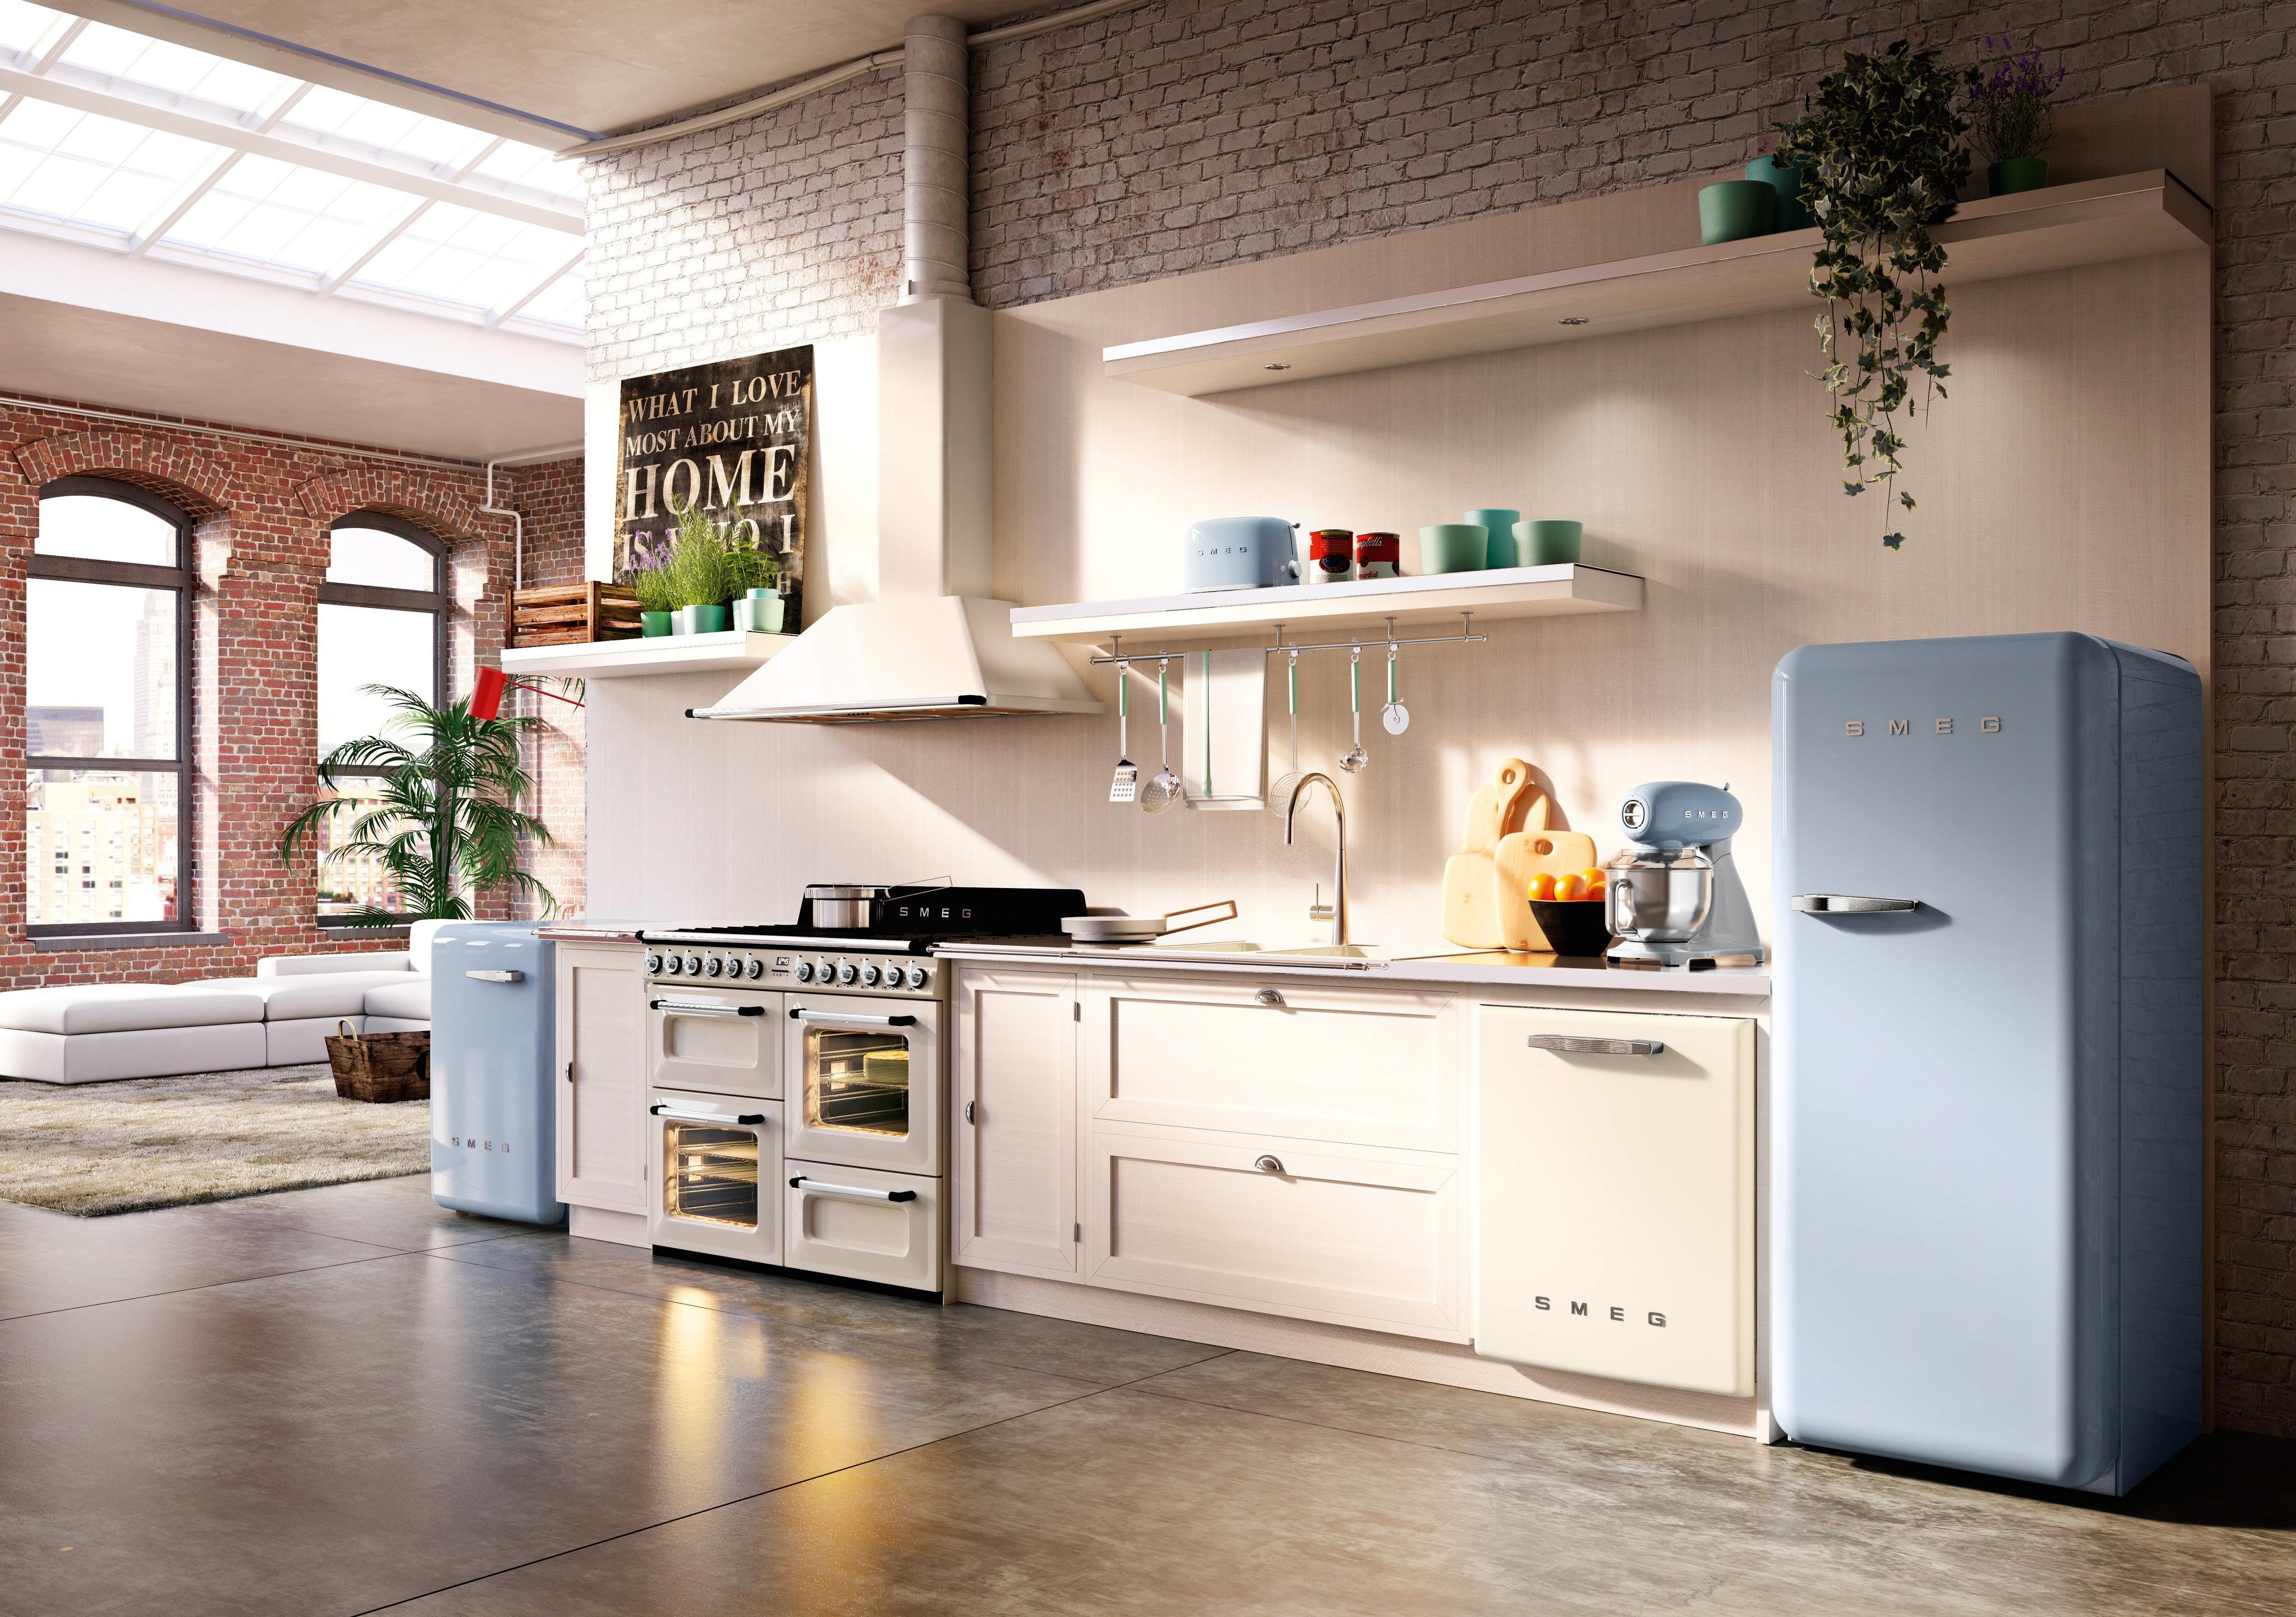 Retro Kühlschränke Von Smeg #retro #kühlschrank #retrokühlschrank ©Smeg